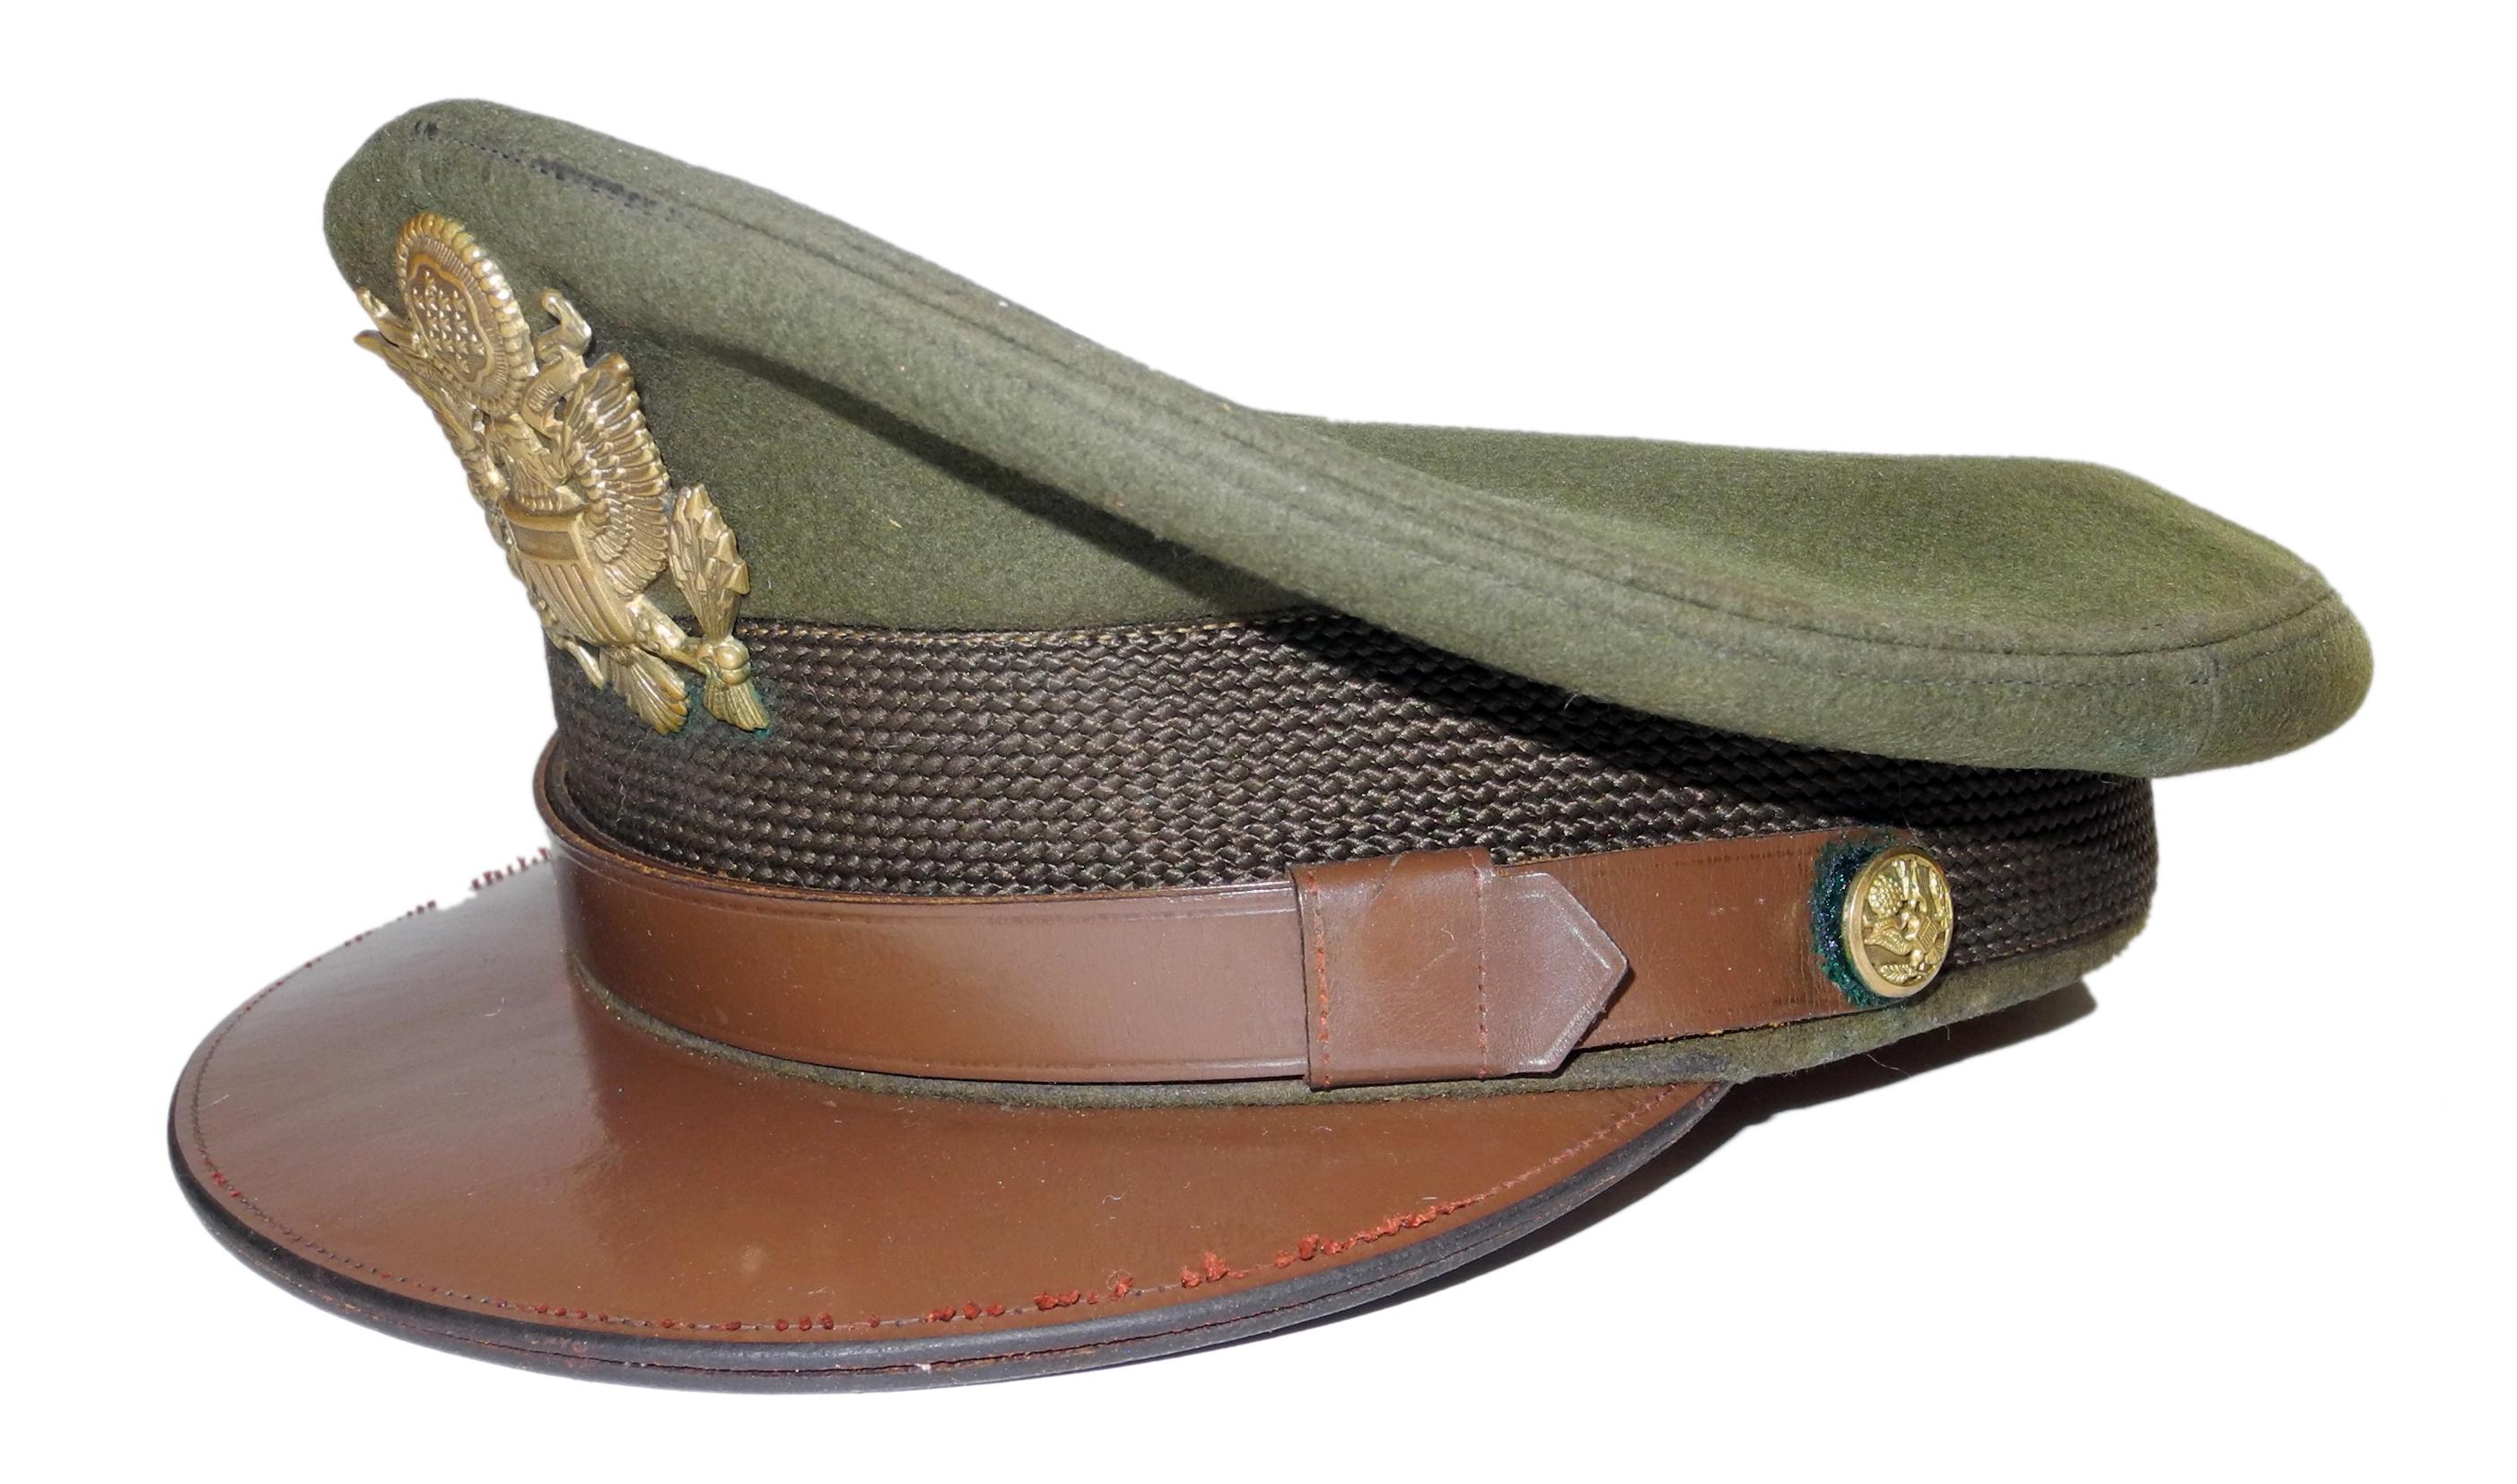 AAF officer's peaked / visor cap